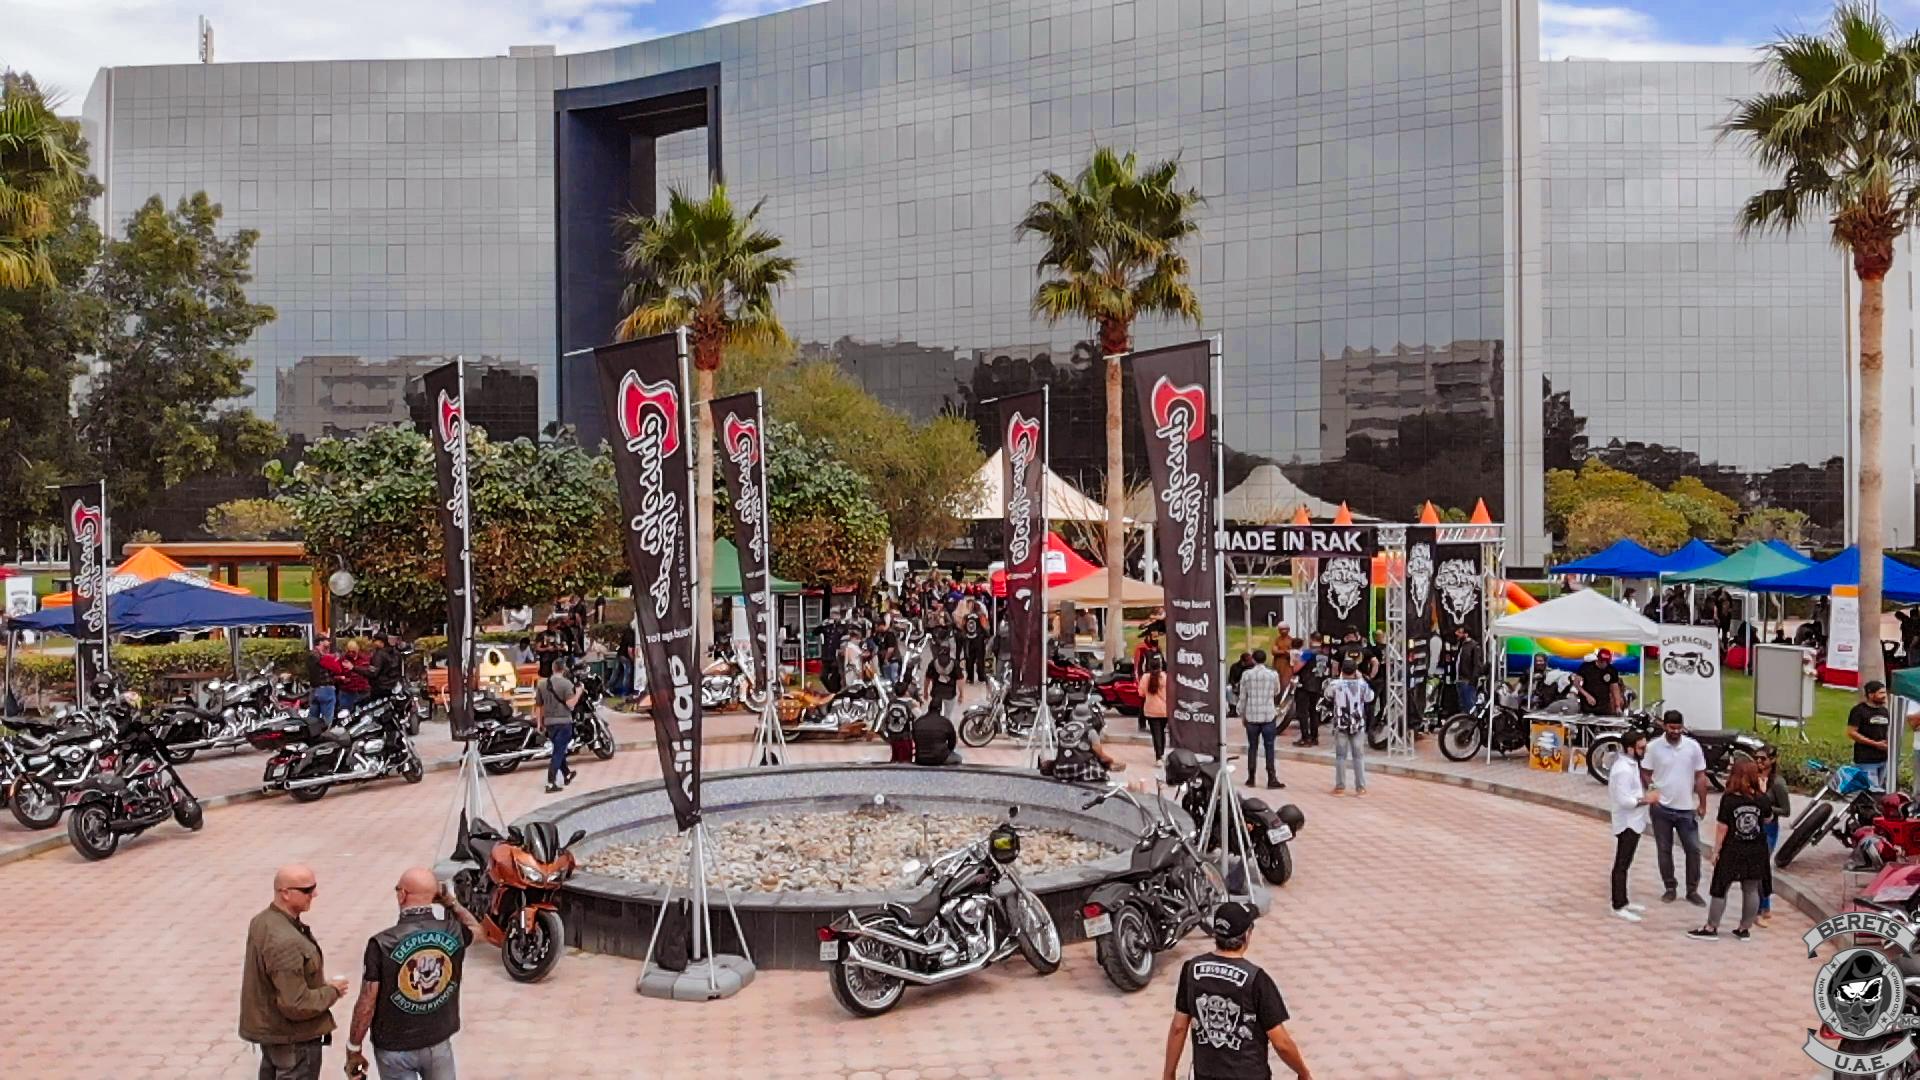 نادي درّاجات ناريّة في دبي